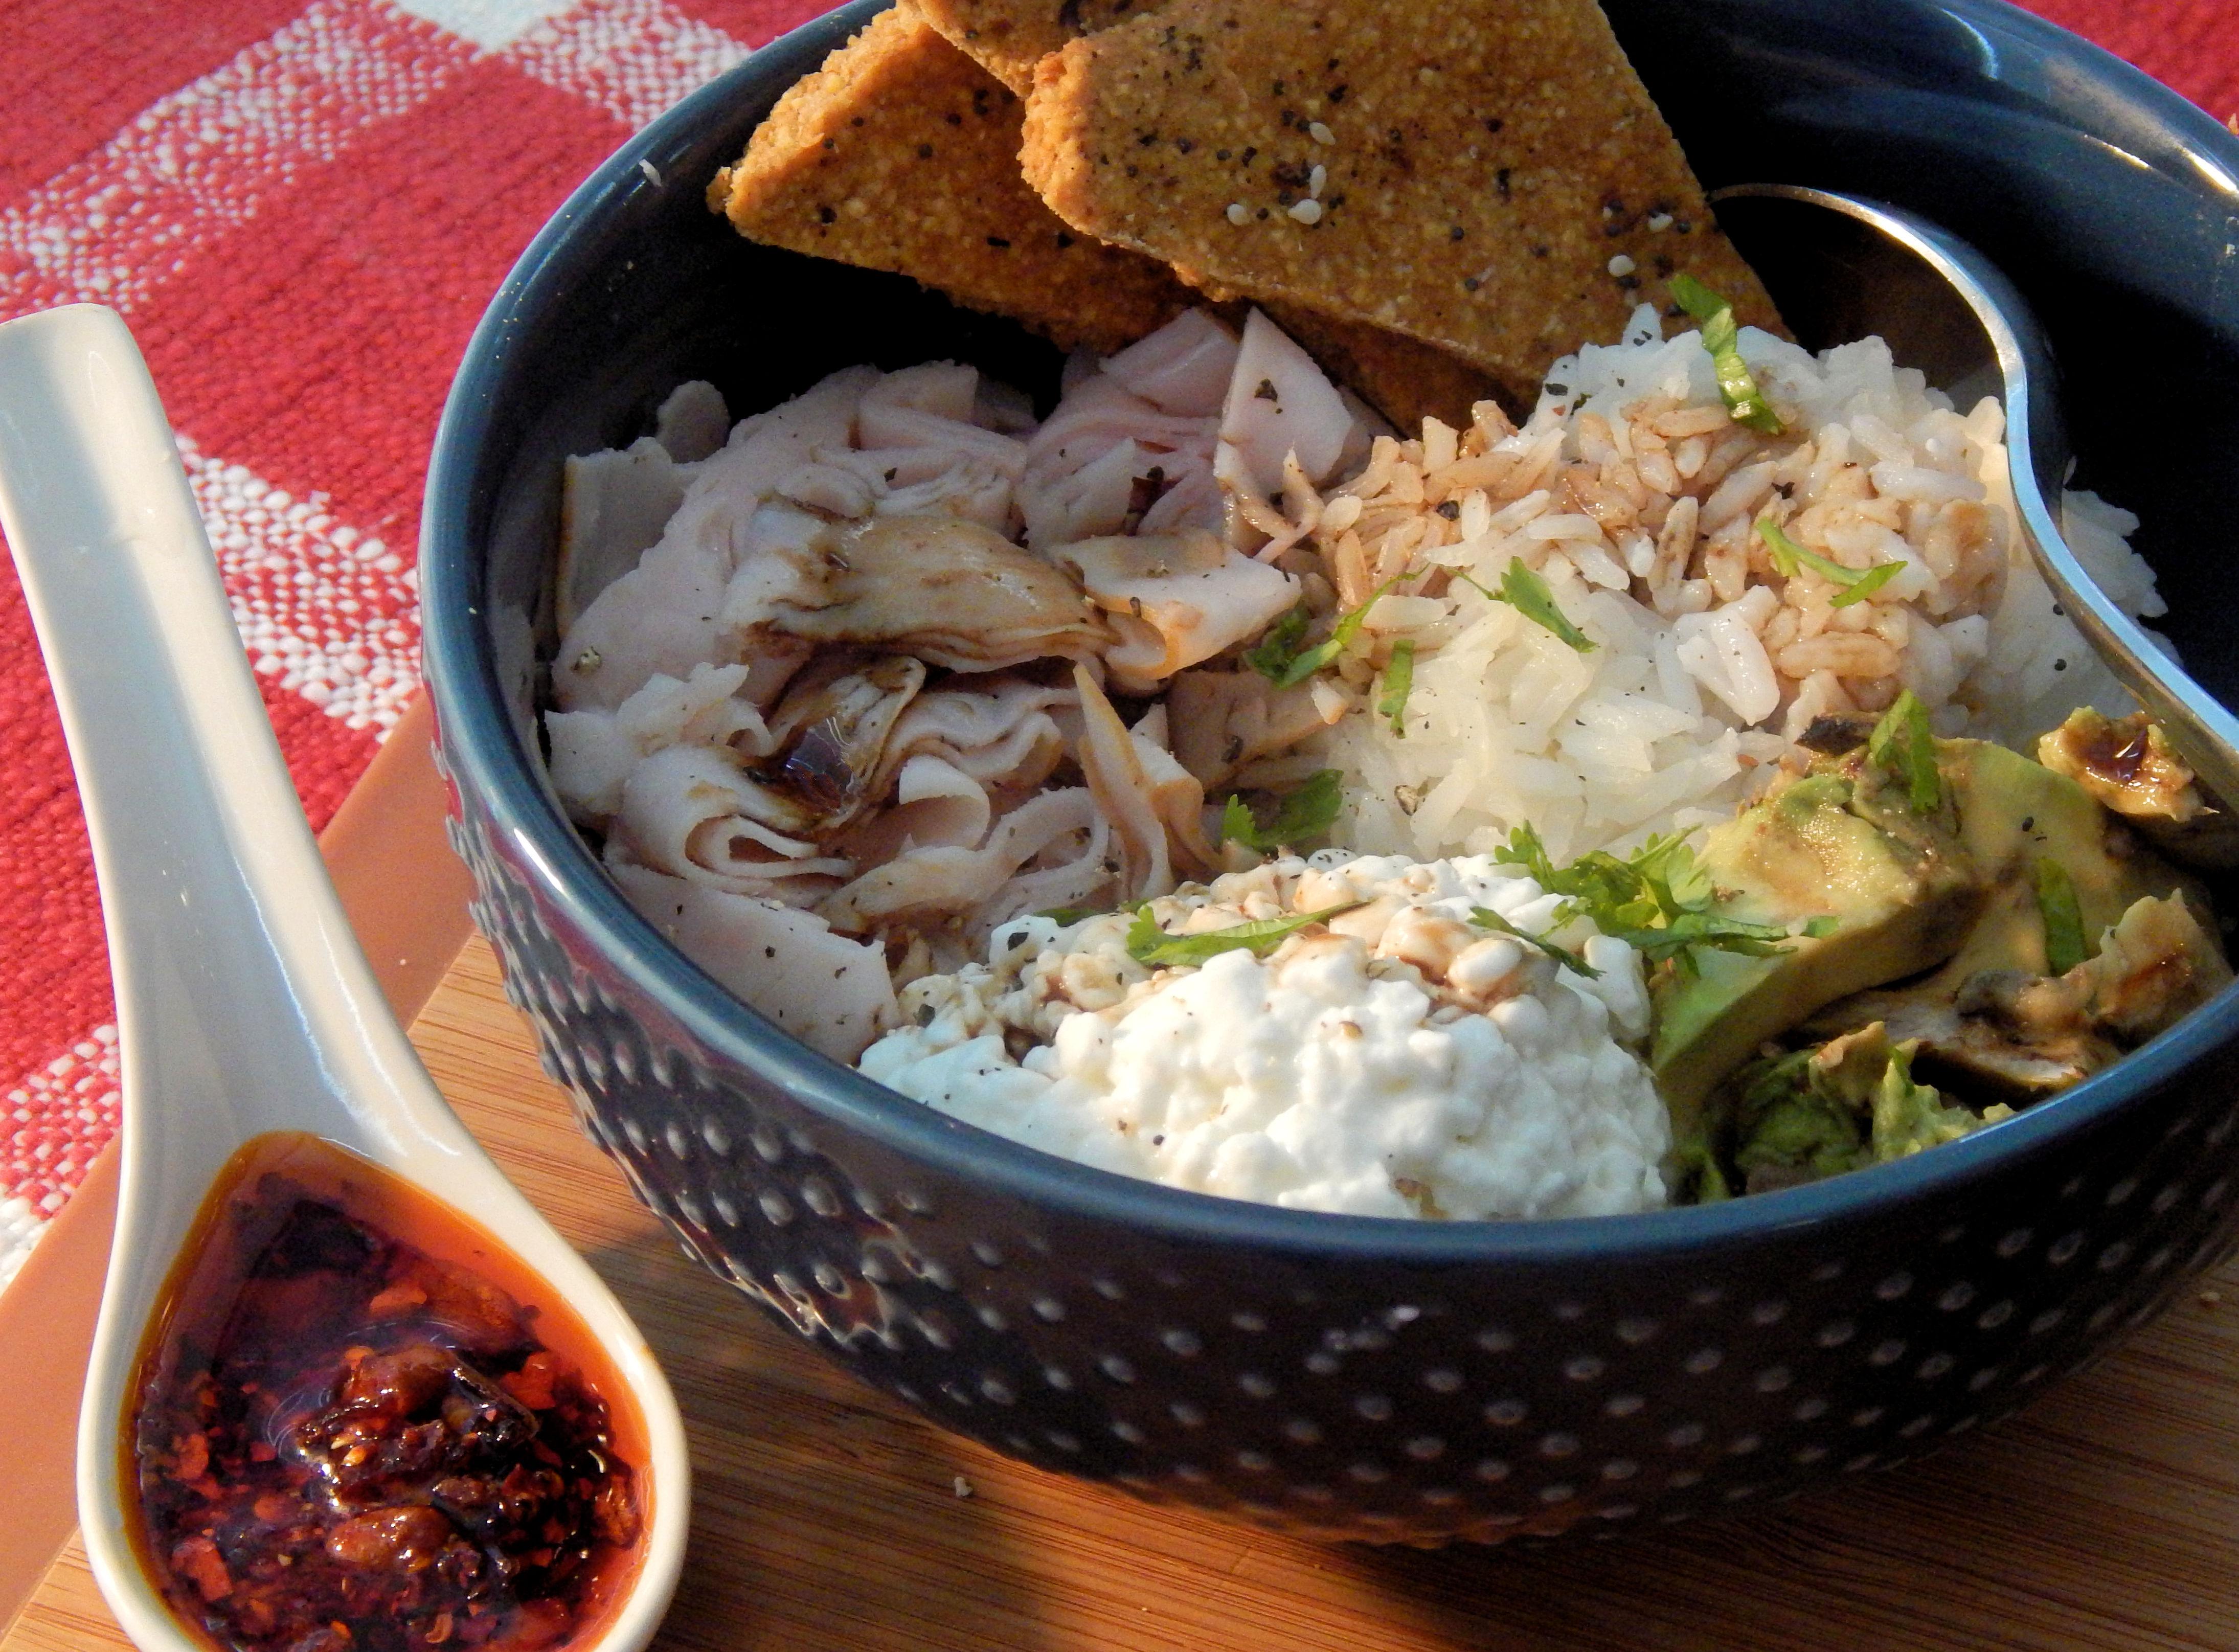 Avocado-Turkey Rice Bowl